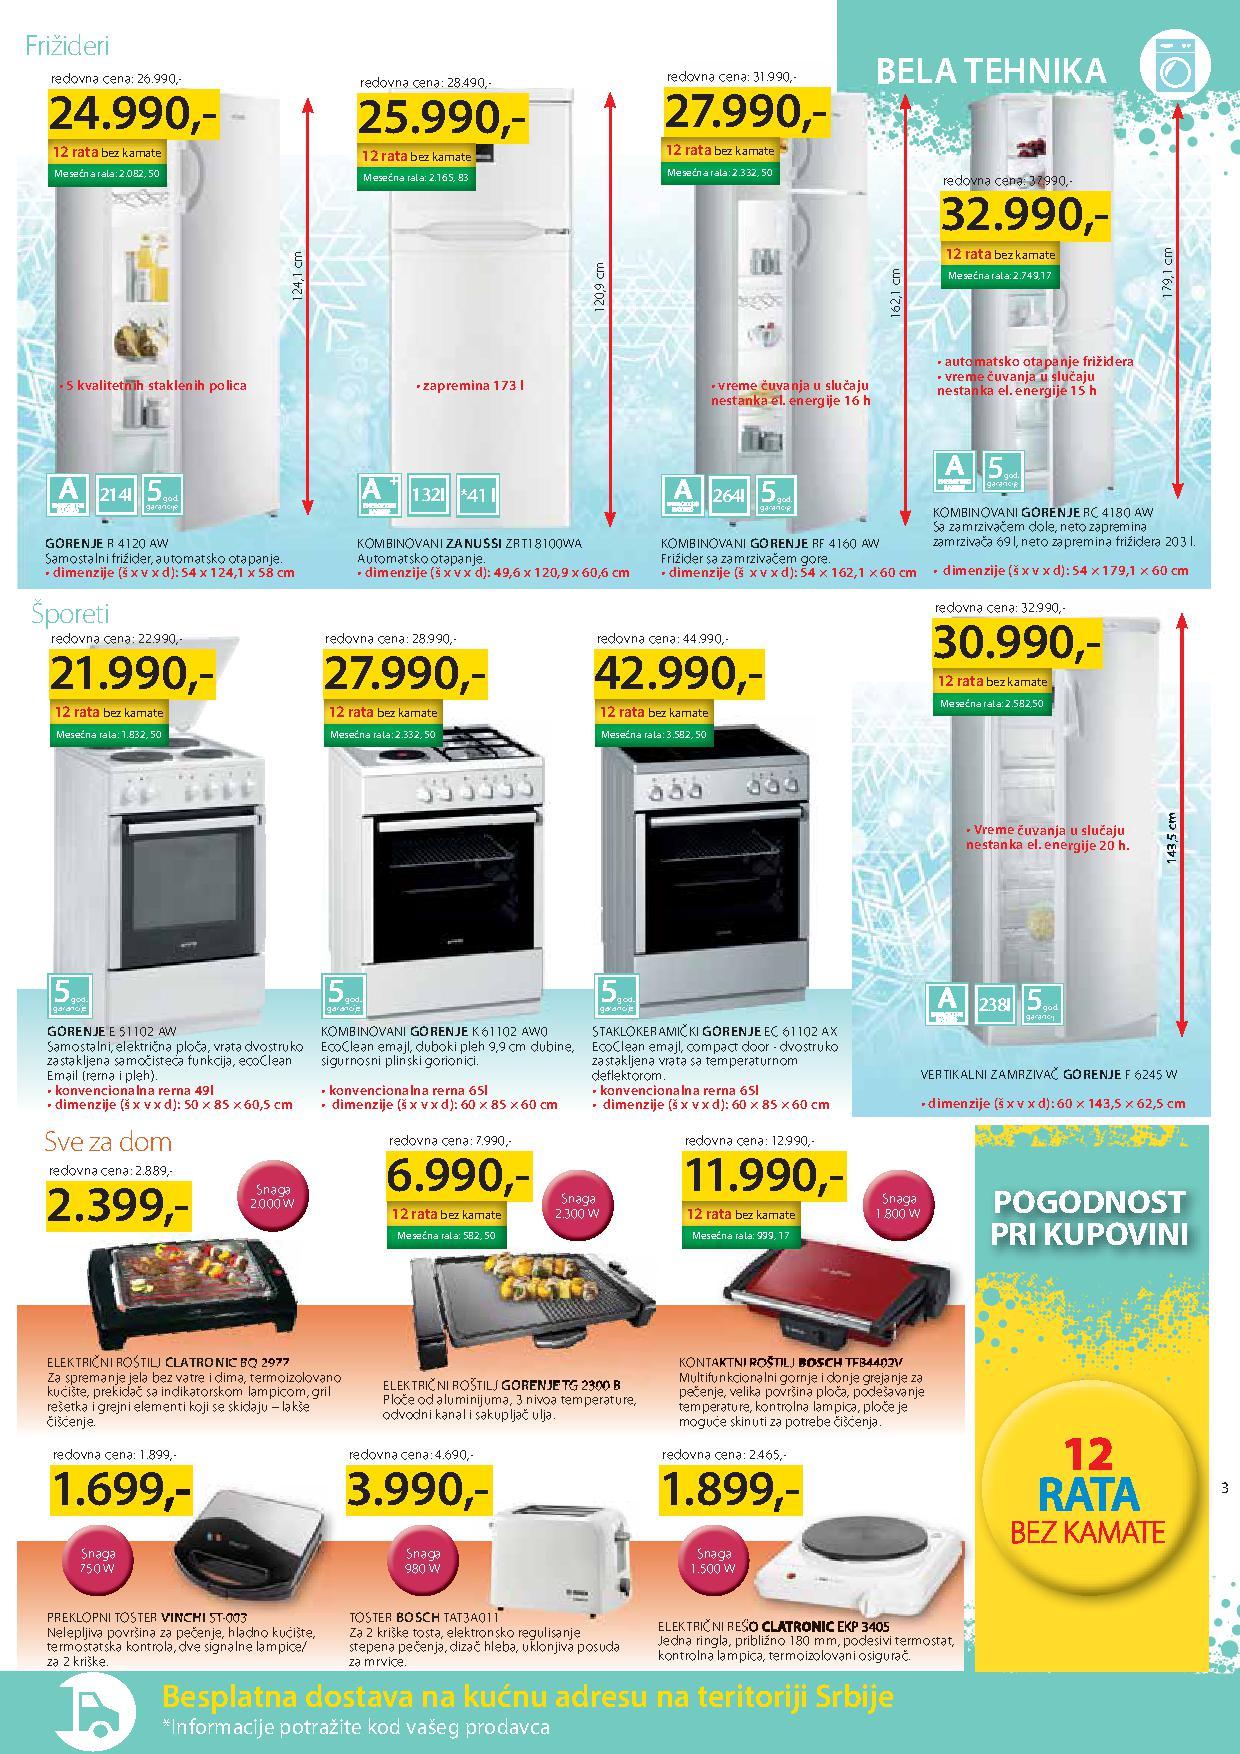 Merkur akcija sve za vaš dom po super ceni